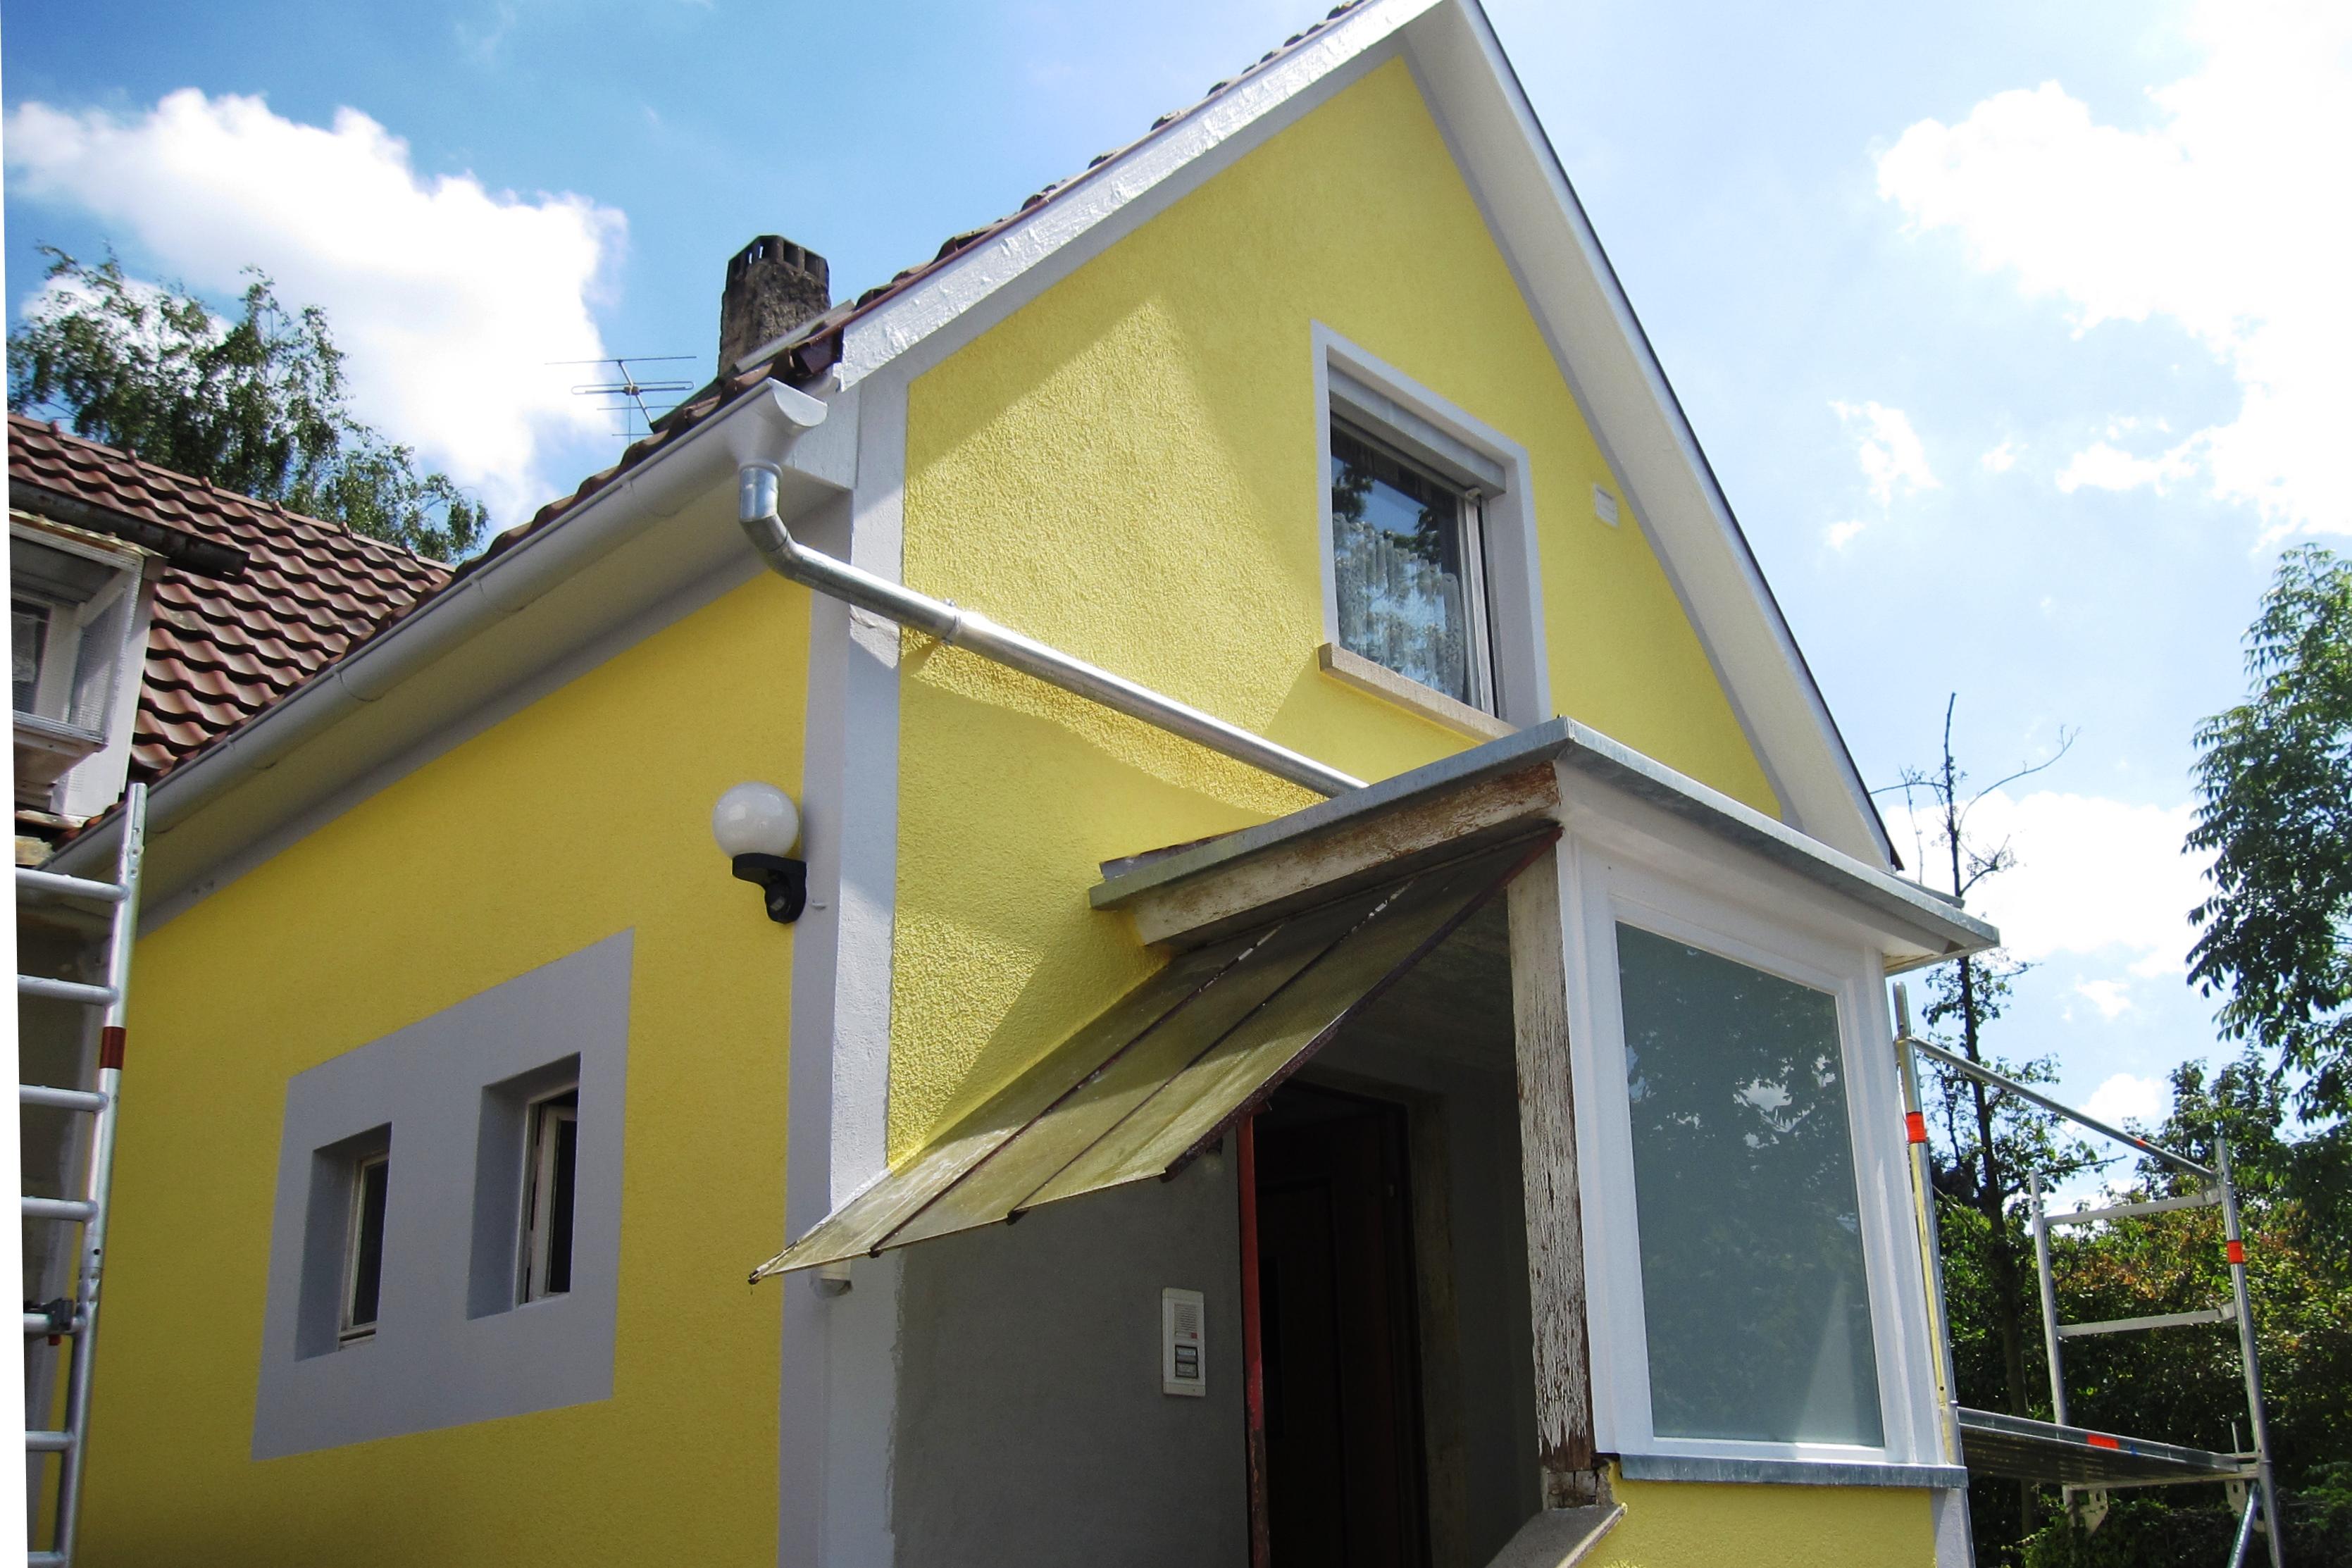 1c_Fassadensanierung_Endspurt.JPG